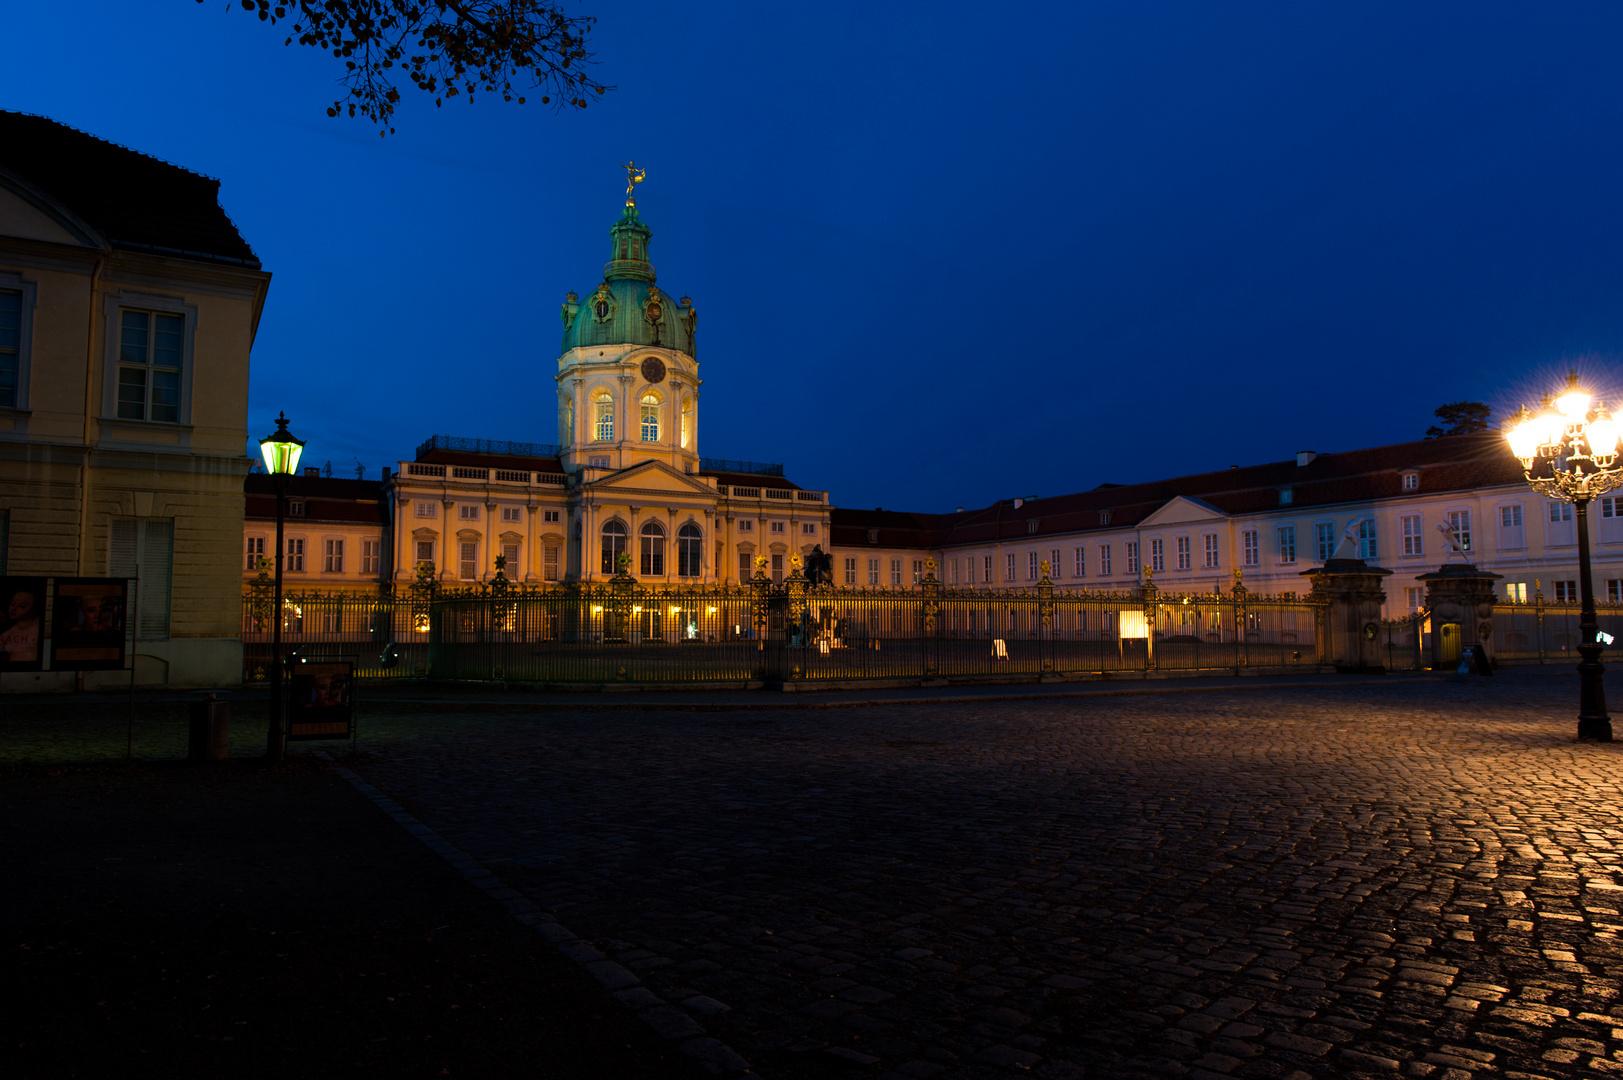 Das schöne Schloss von Charlottenburg